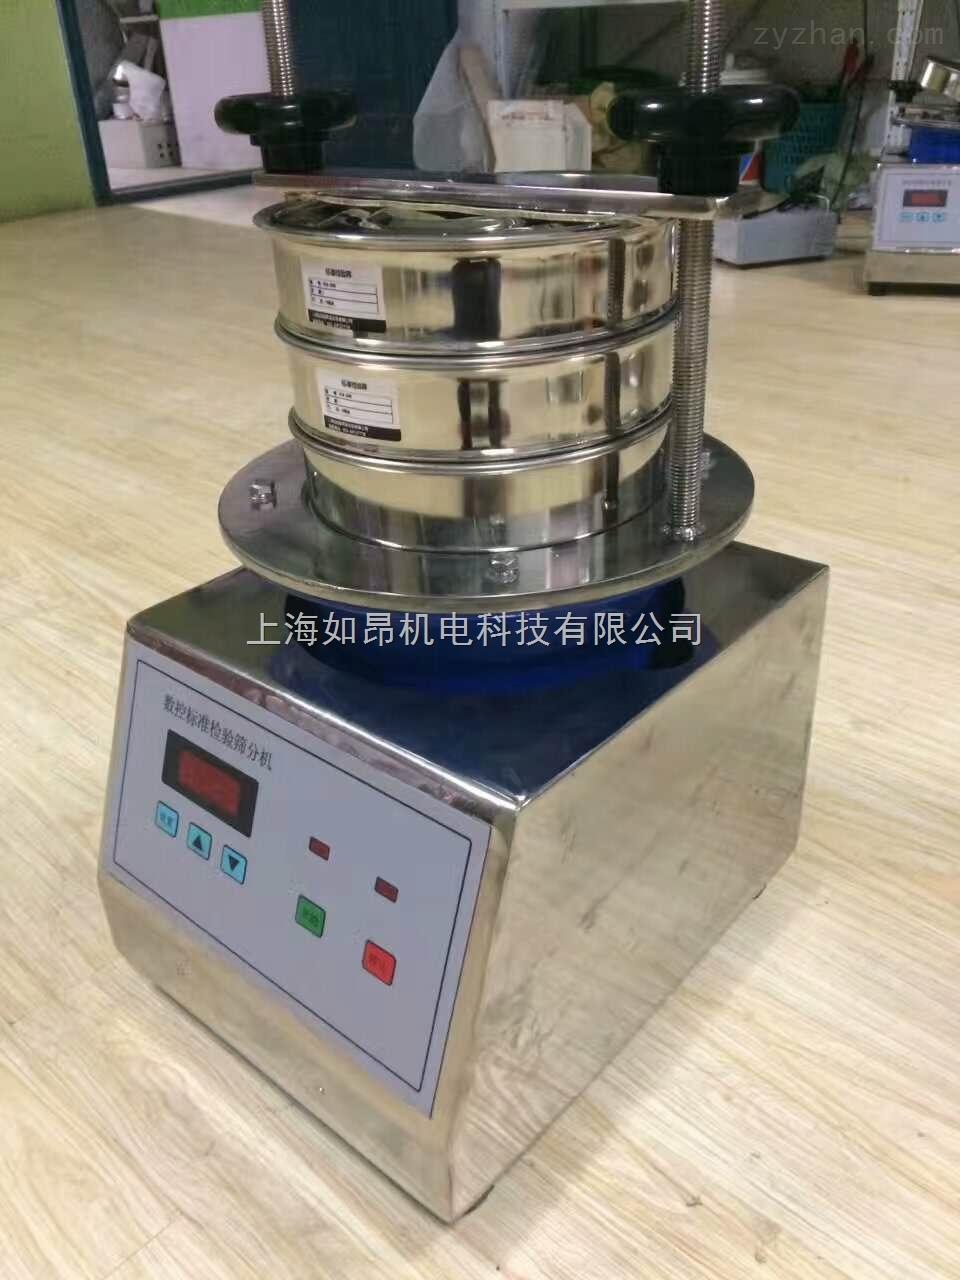 上海不锈钢检验筛 高层试验筛 图片